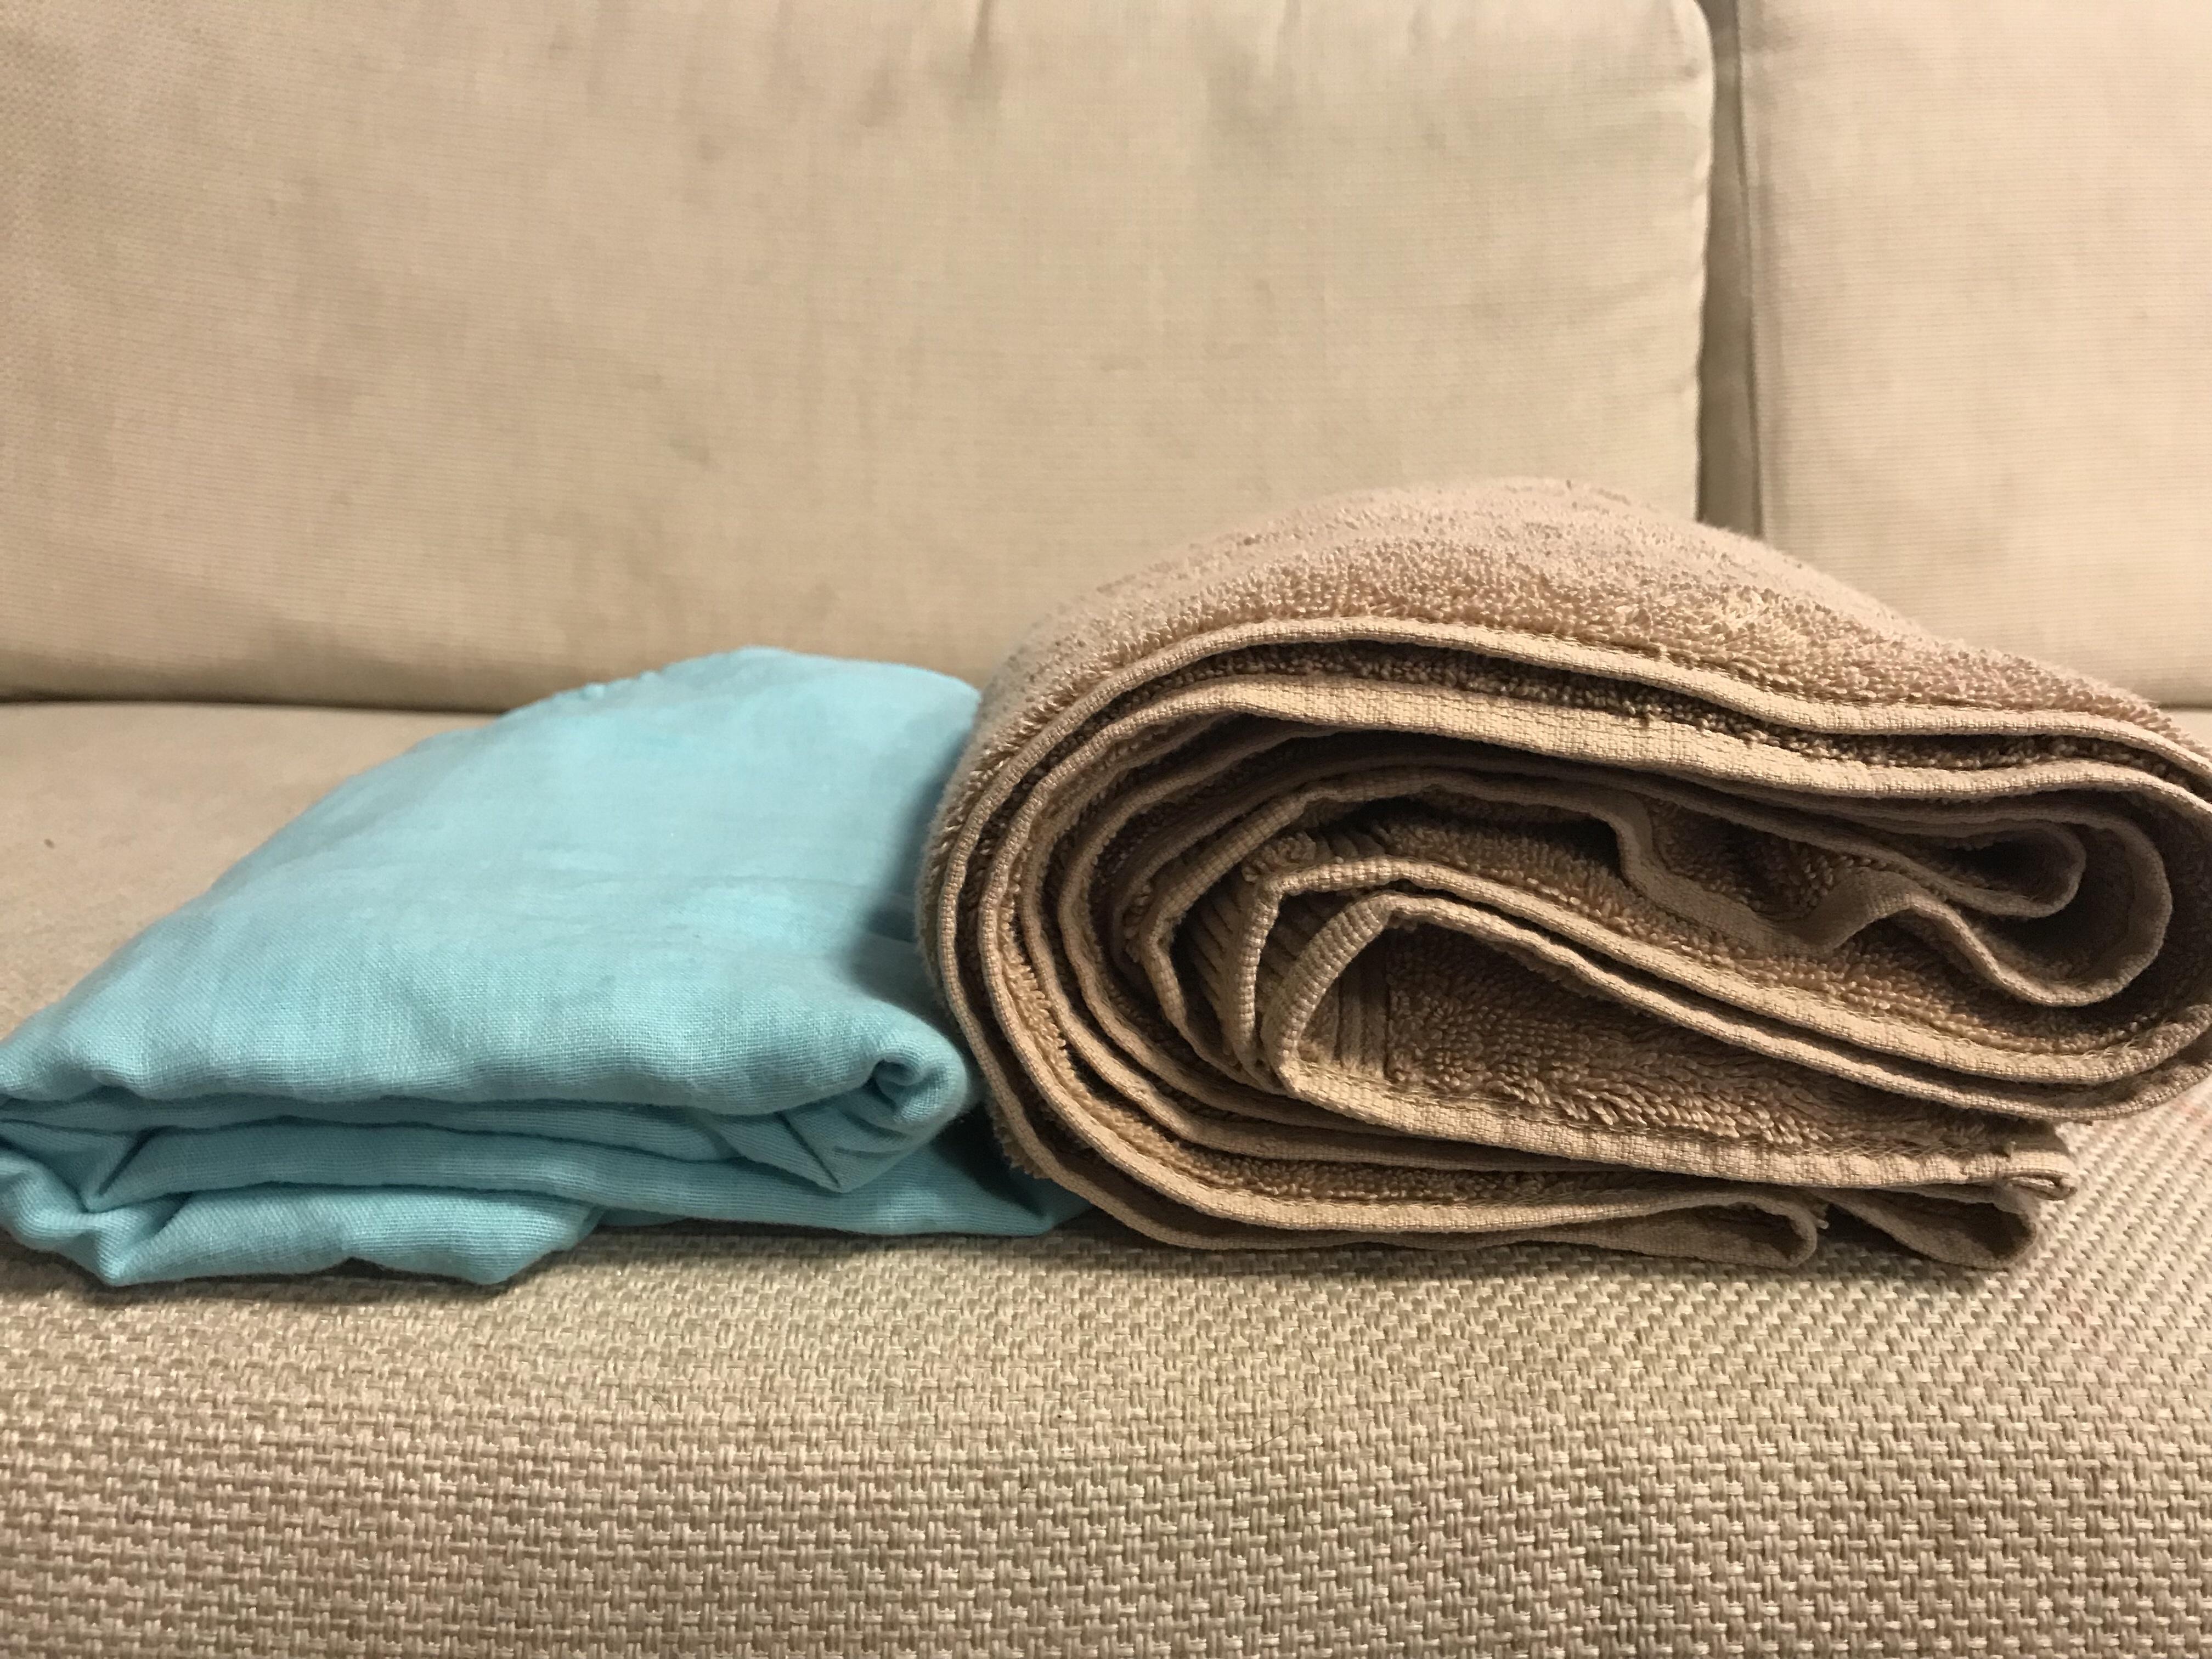 ガーゼのバスタオルは普通のバスタオルの約半分くらいの薄さになっている図